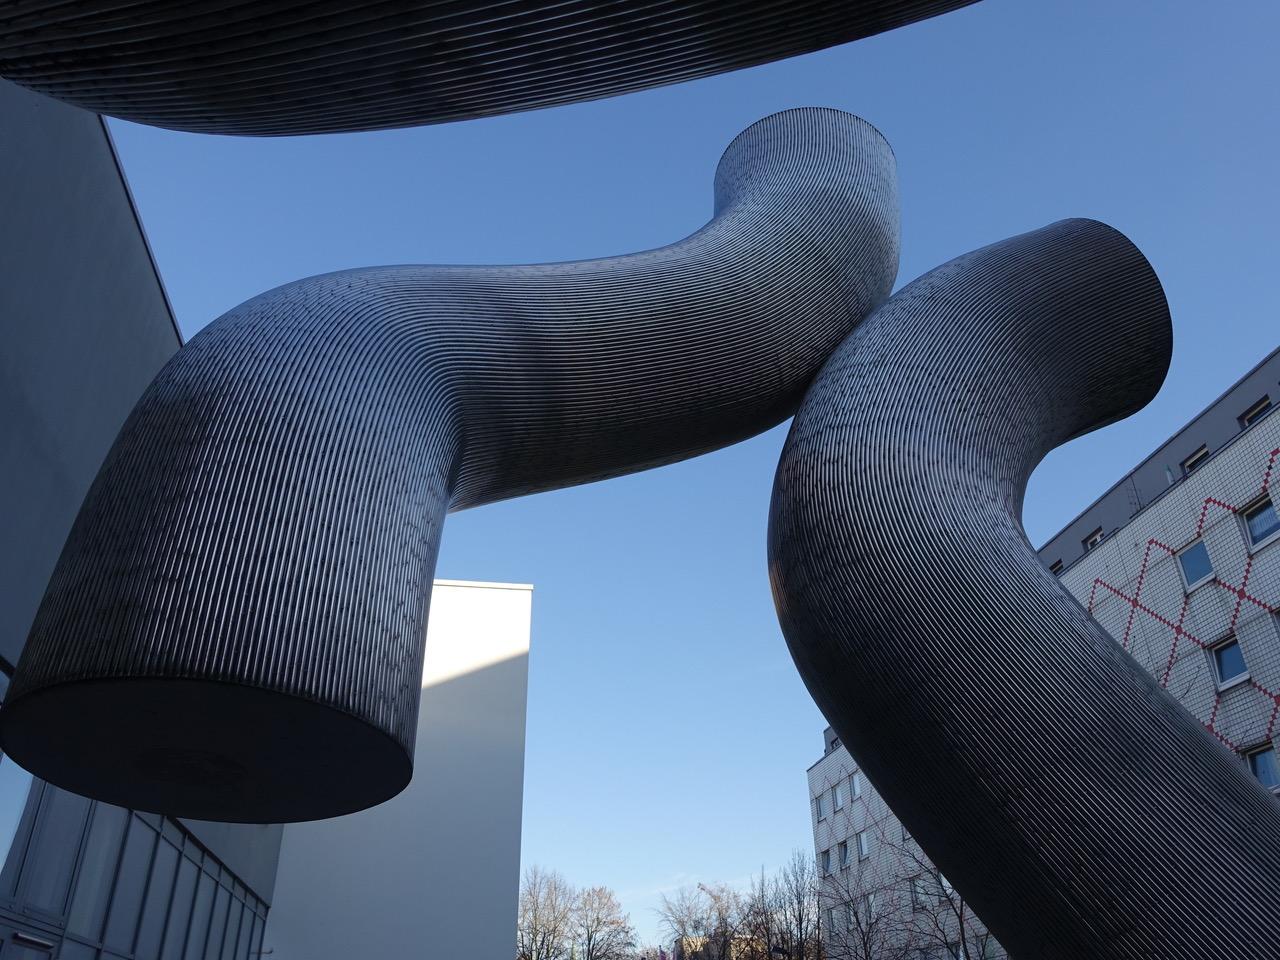 Magritte Lives, Berlin